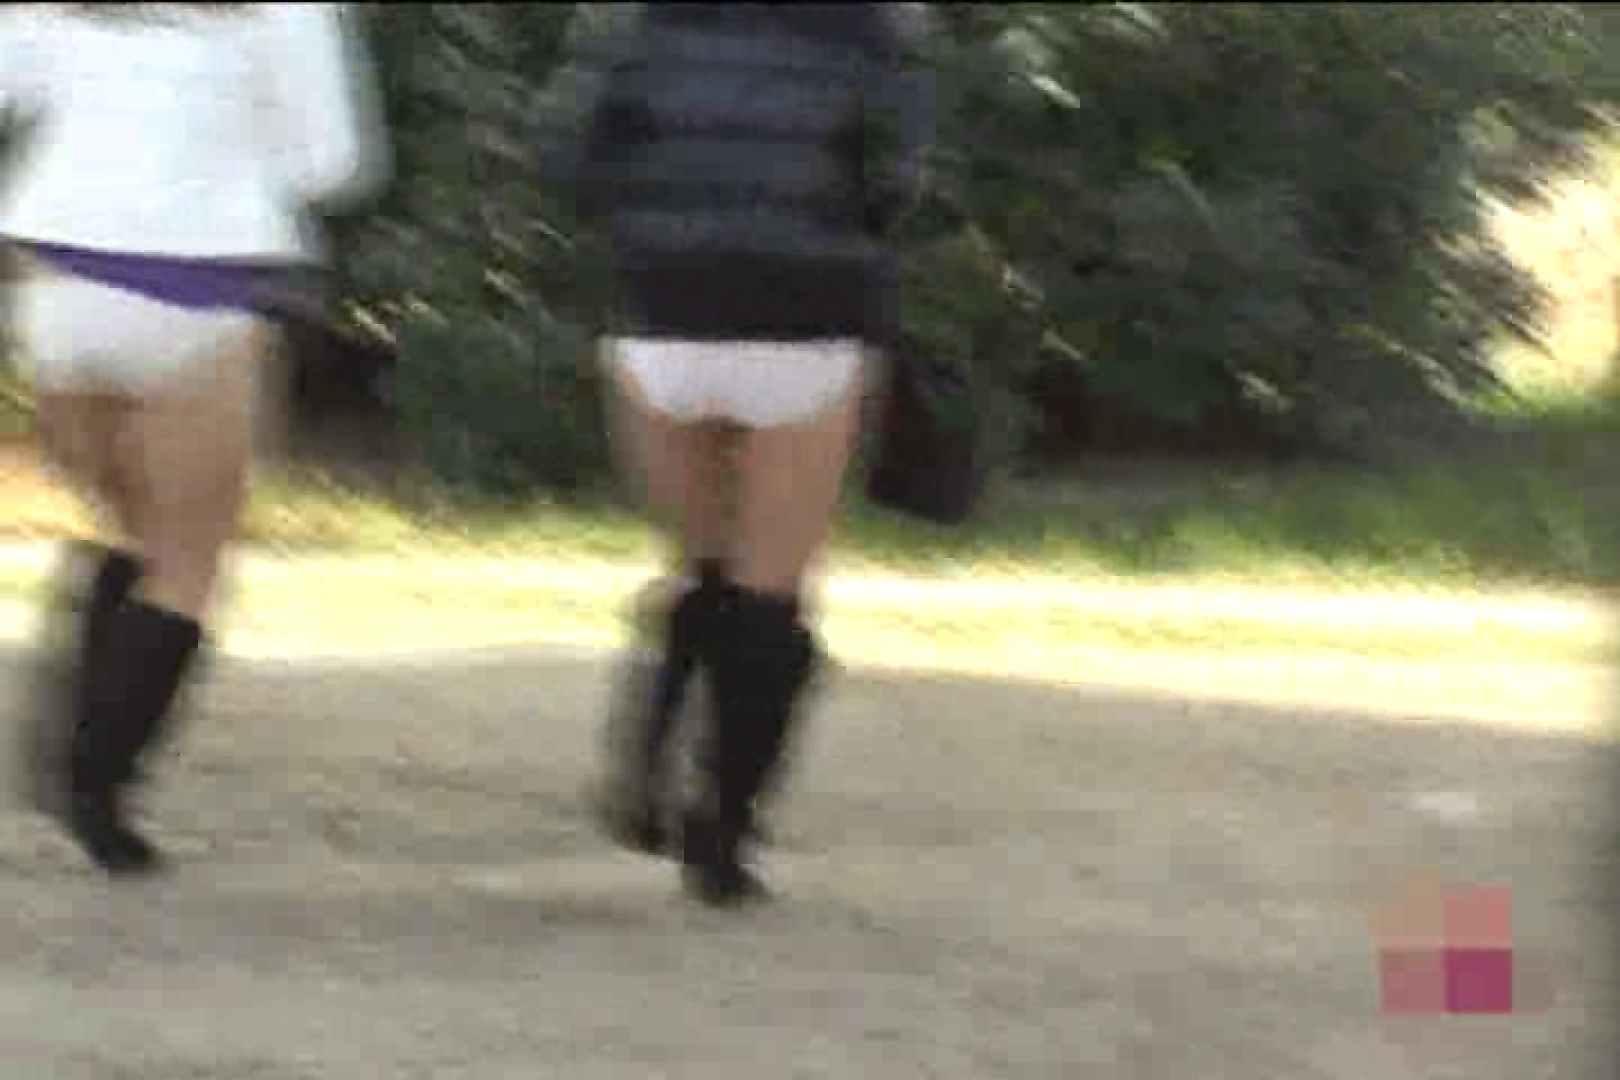 検証!隠し撮りスカートめくり!!Vol.7 ワルノリ | エロティックなOL  78画像 7